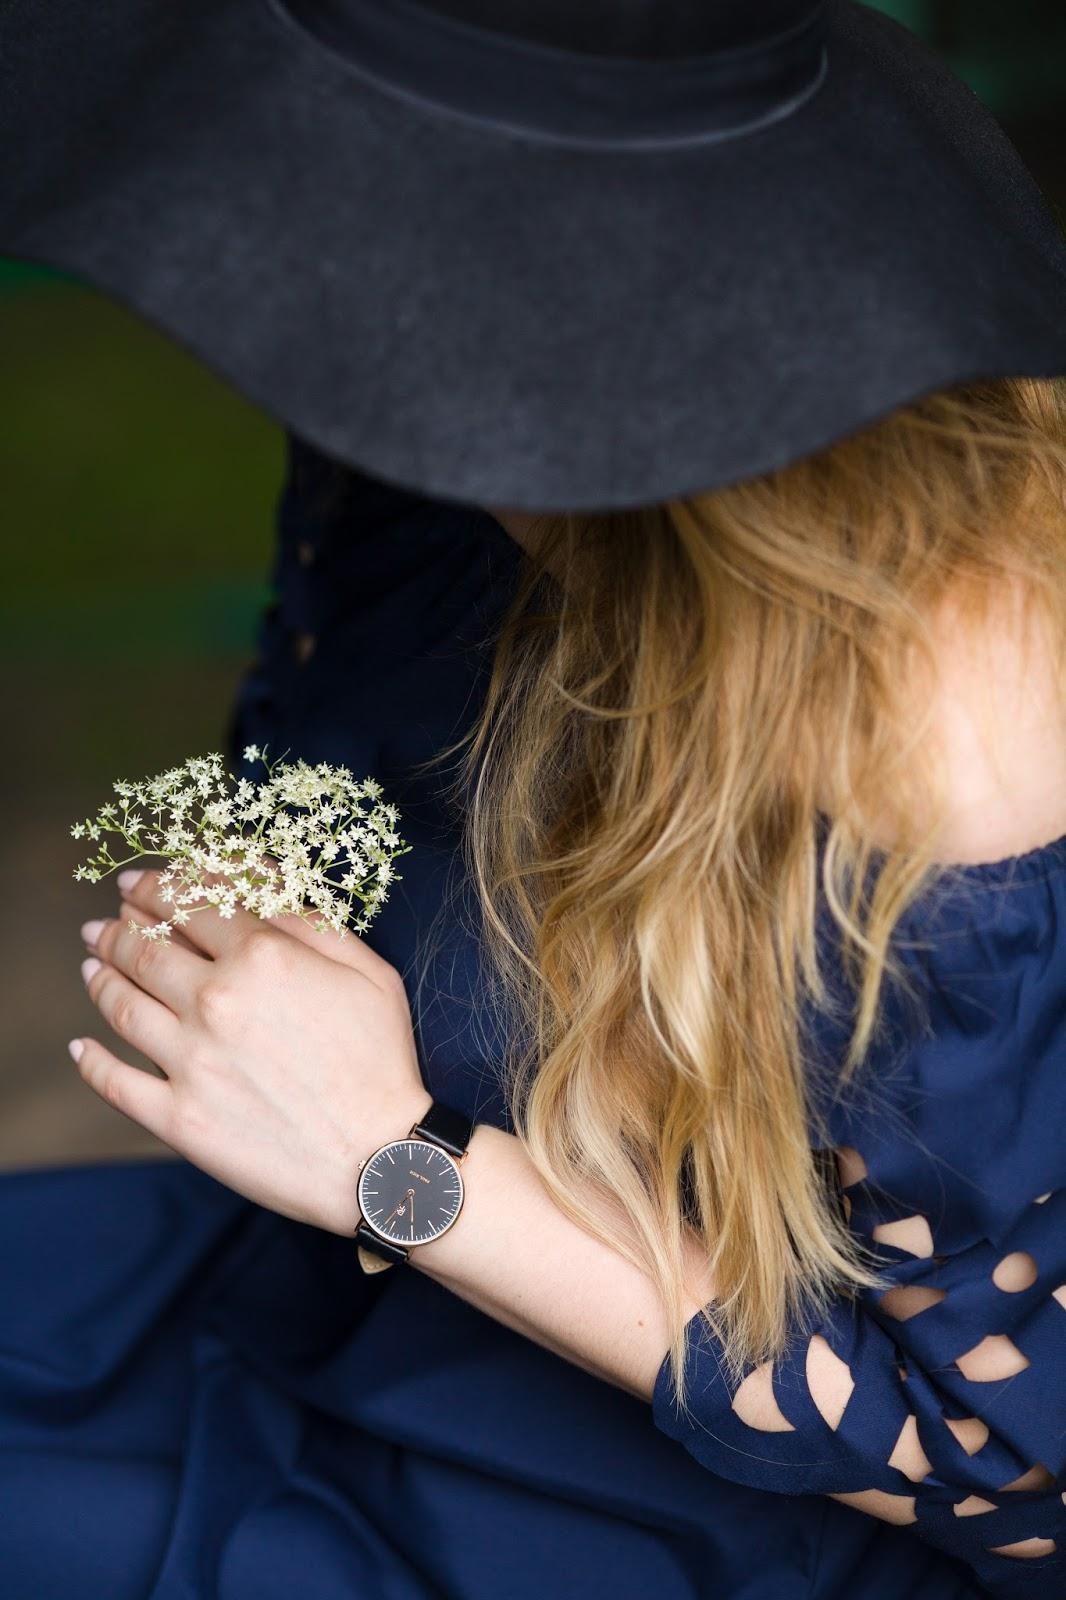 14 Off The Shoulder Flared Dress zaful paul rich watch hat sukienka zaful opinie recenzja buty łuków ażurowa hiszpanka granatowa baletki zegarek ootd lookbook fashionblogger blog modowy lifestyle